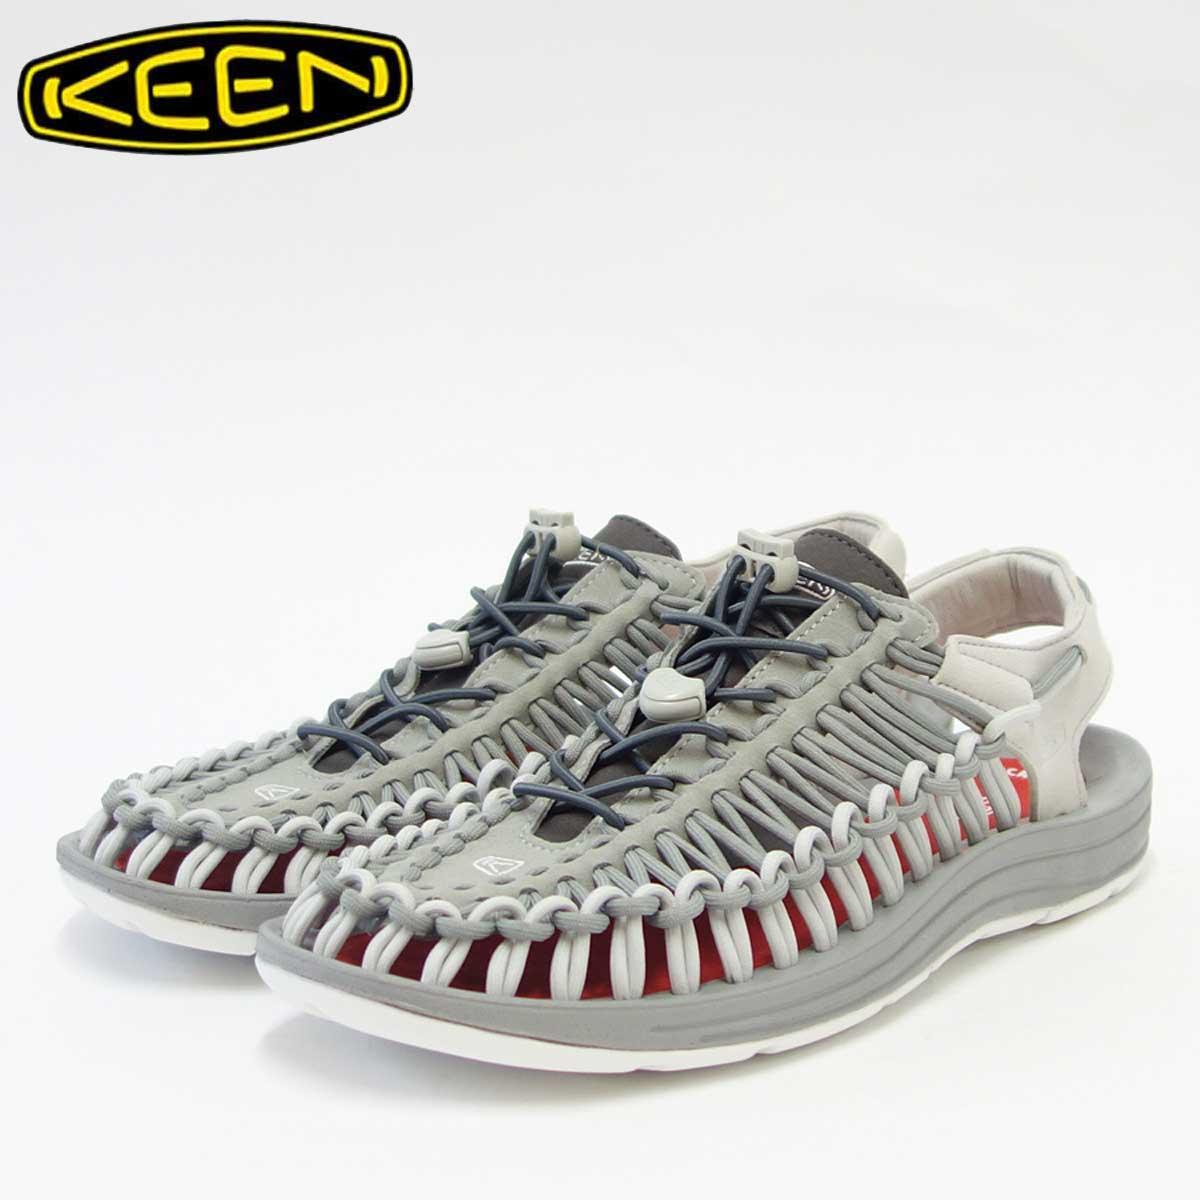 KEEN キーン UNEEK(ユニーク) 1018681(メンズ)キーン独自のハイブリッドサンダル カラー:Neutral Gray / Eiffel Tower「靴」